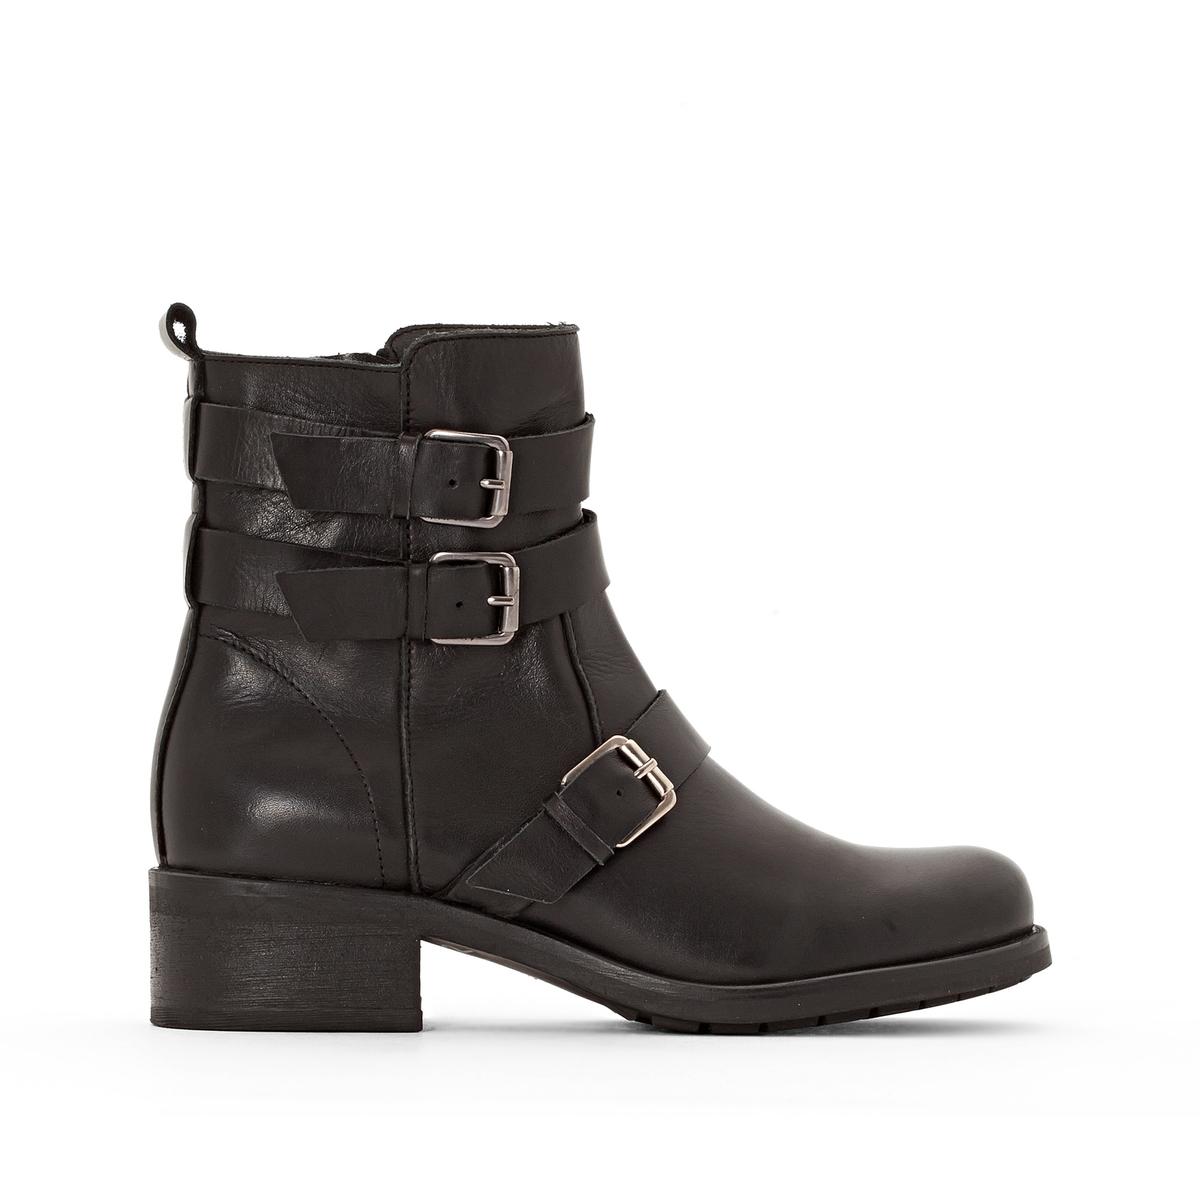 цена Ботинки La Redoute Кожаные в байкерском стиле 36 черный онлайн в 2017 году